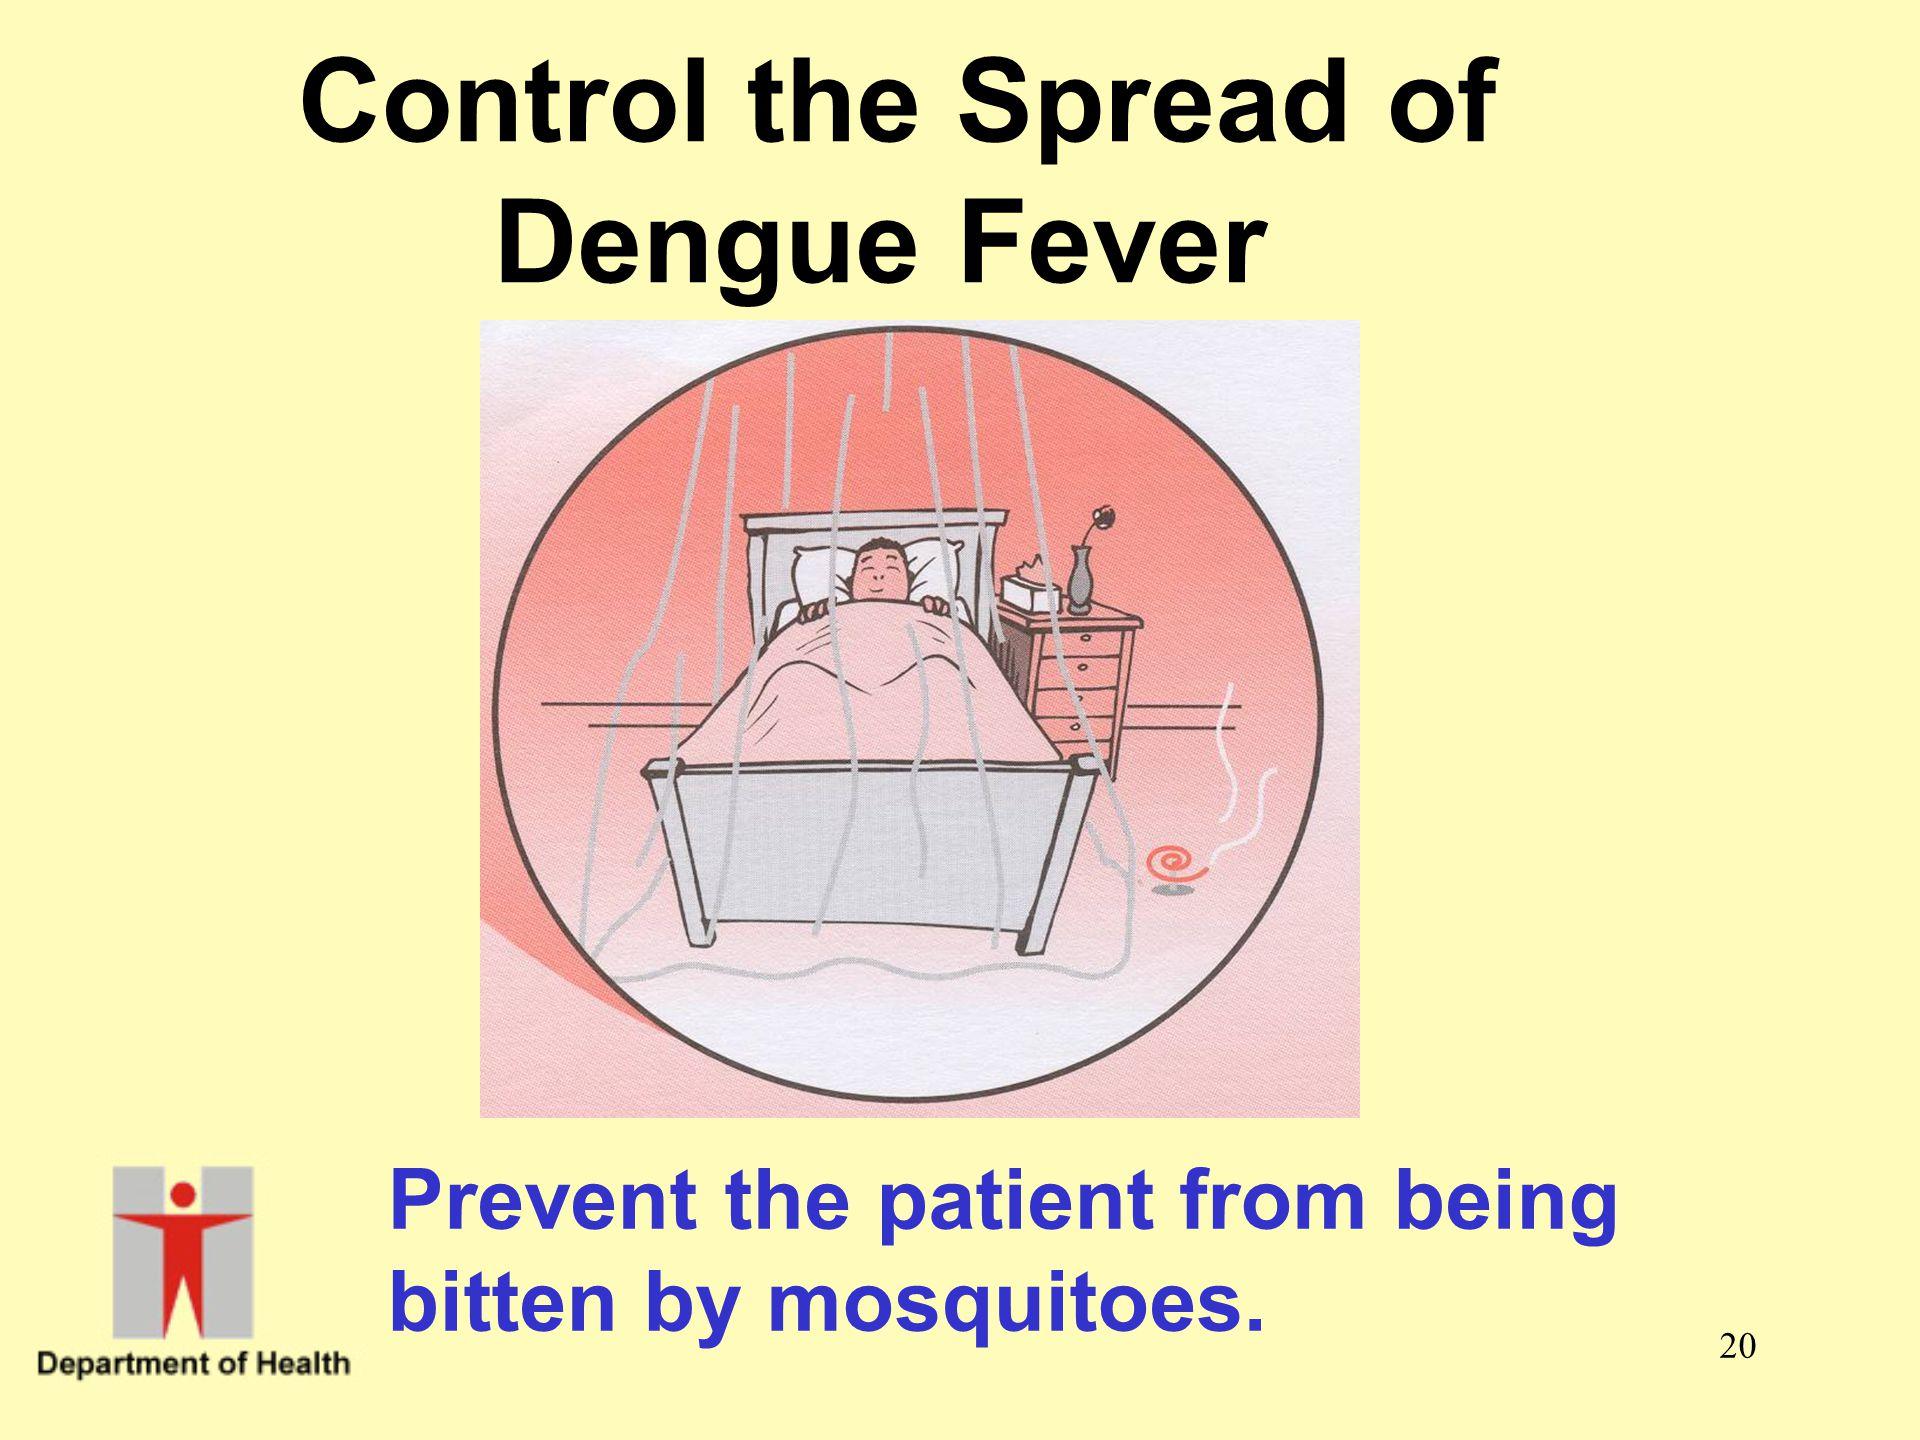 Control the Spread of Dengue Fever